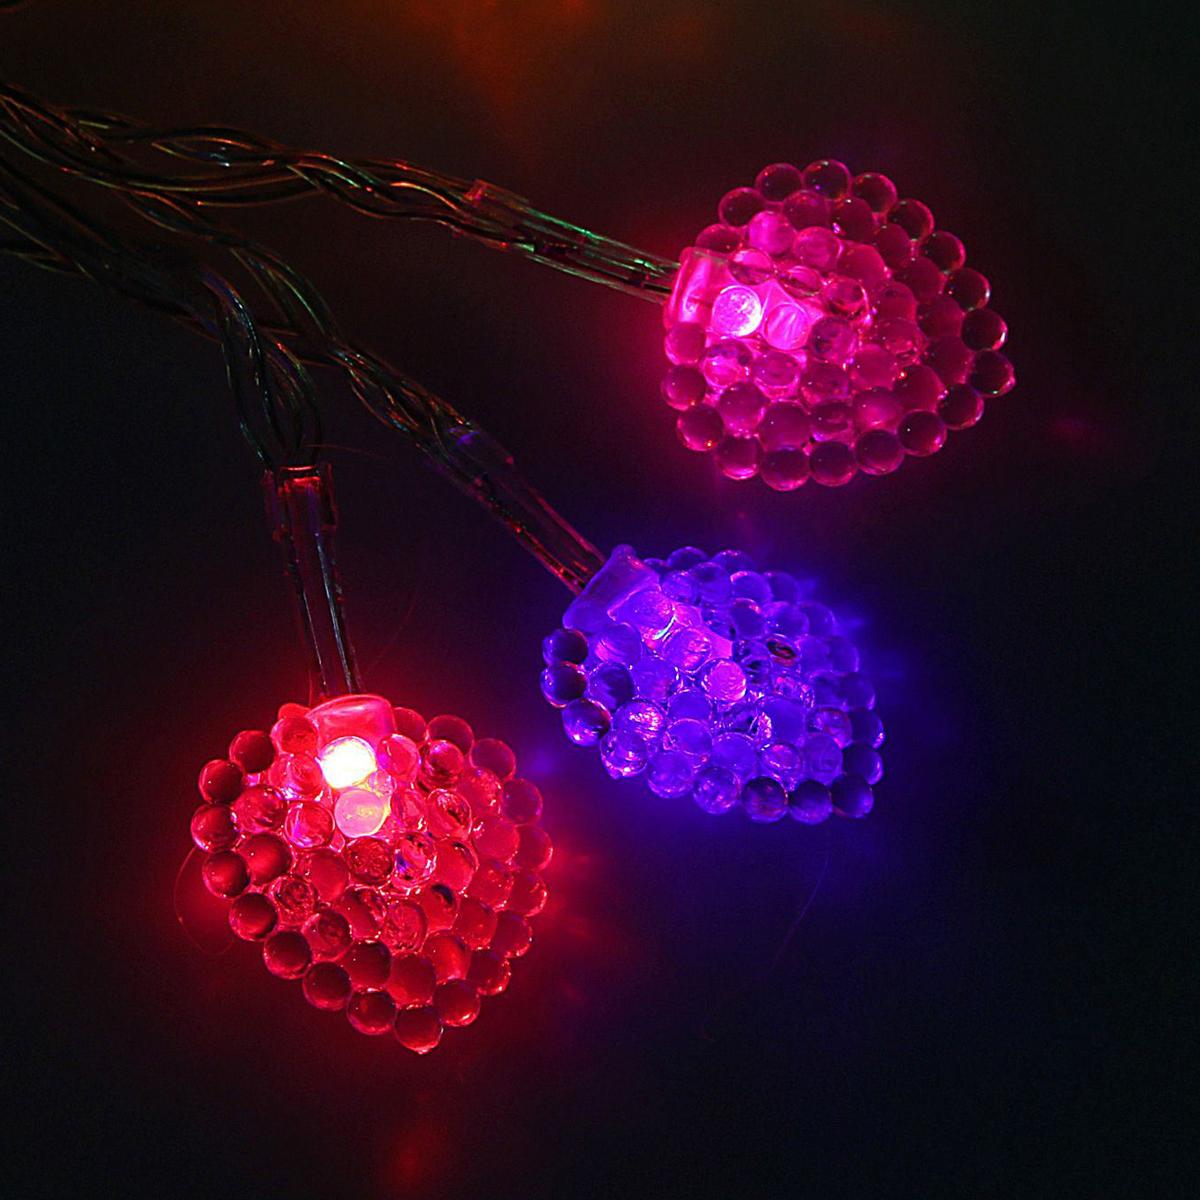 Гирлянда светодиодная Luazon Метраж. Сердце малое, 20 ламп, 3,6 V, длина 3 м1080370Светодиодные гирлянды и ленты — это отличный вариант для новогоднего оформления интерьера или фасада. С их помощью помещение любого размера можно превратить в праздничный зал, а внешние элементы зданий, украшенные ими, мгновенно станут напоминать очертания сказочного дворца. Такие украшения создают ауру предвкушения чуда. Деревья, фасады, витрины, окна и арки будто специально созданы, чтобы вы украсили их светящимися нитями.